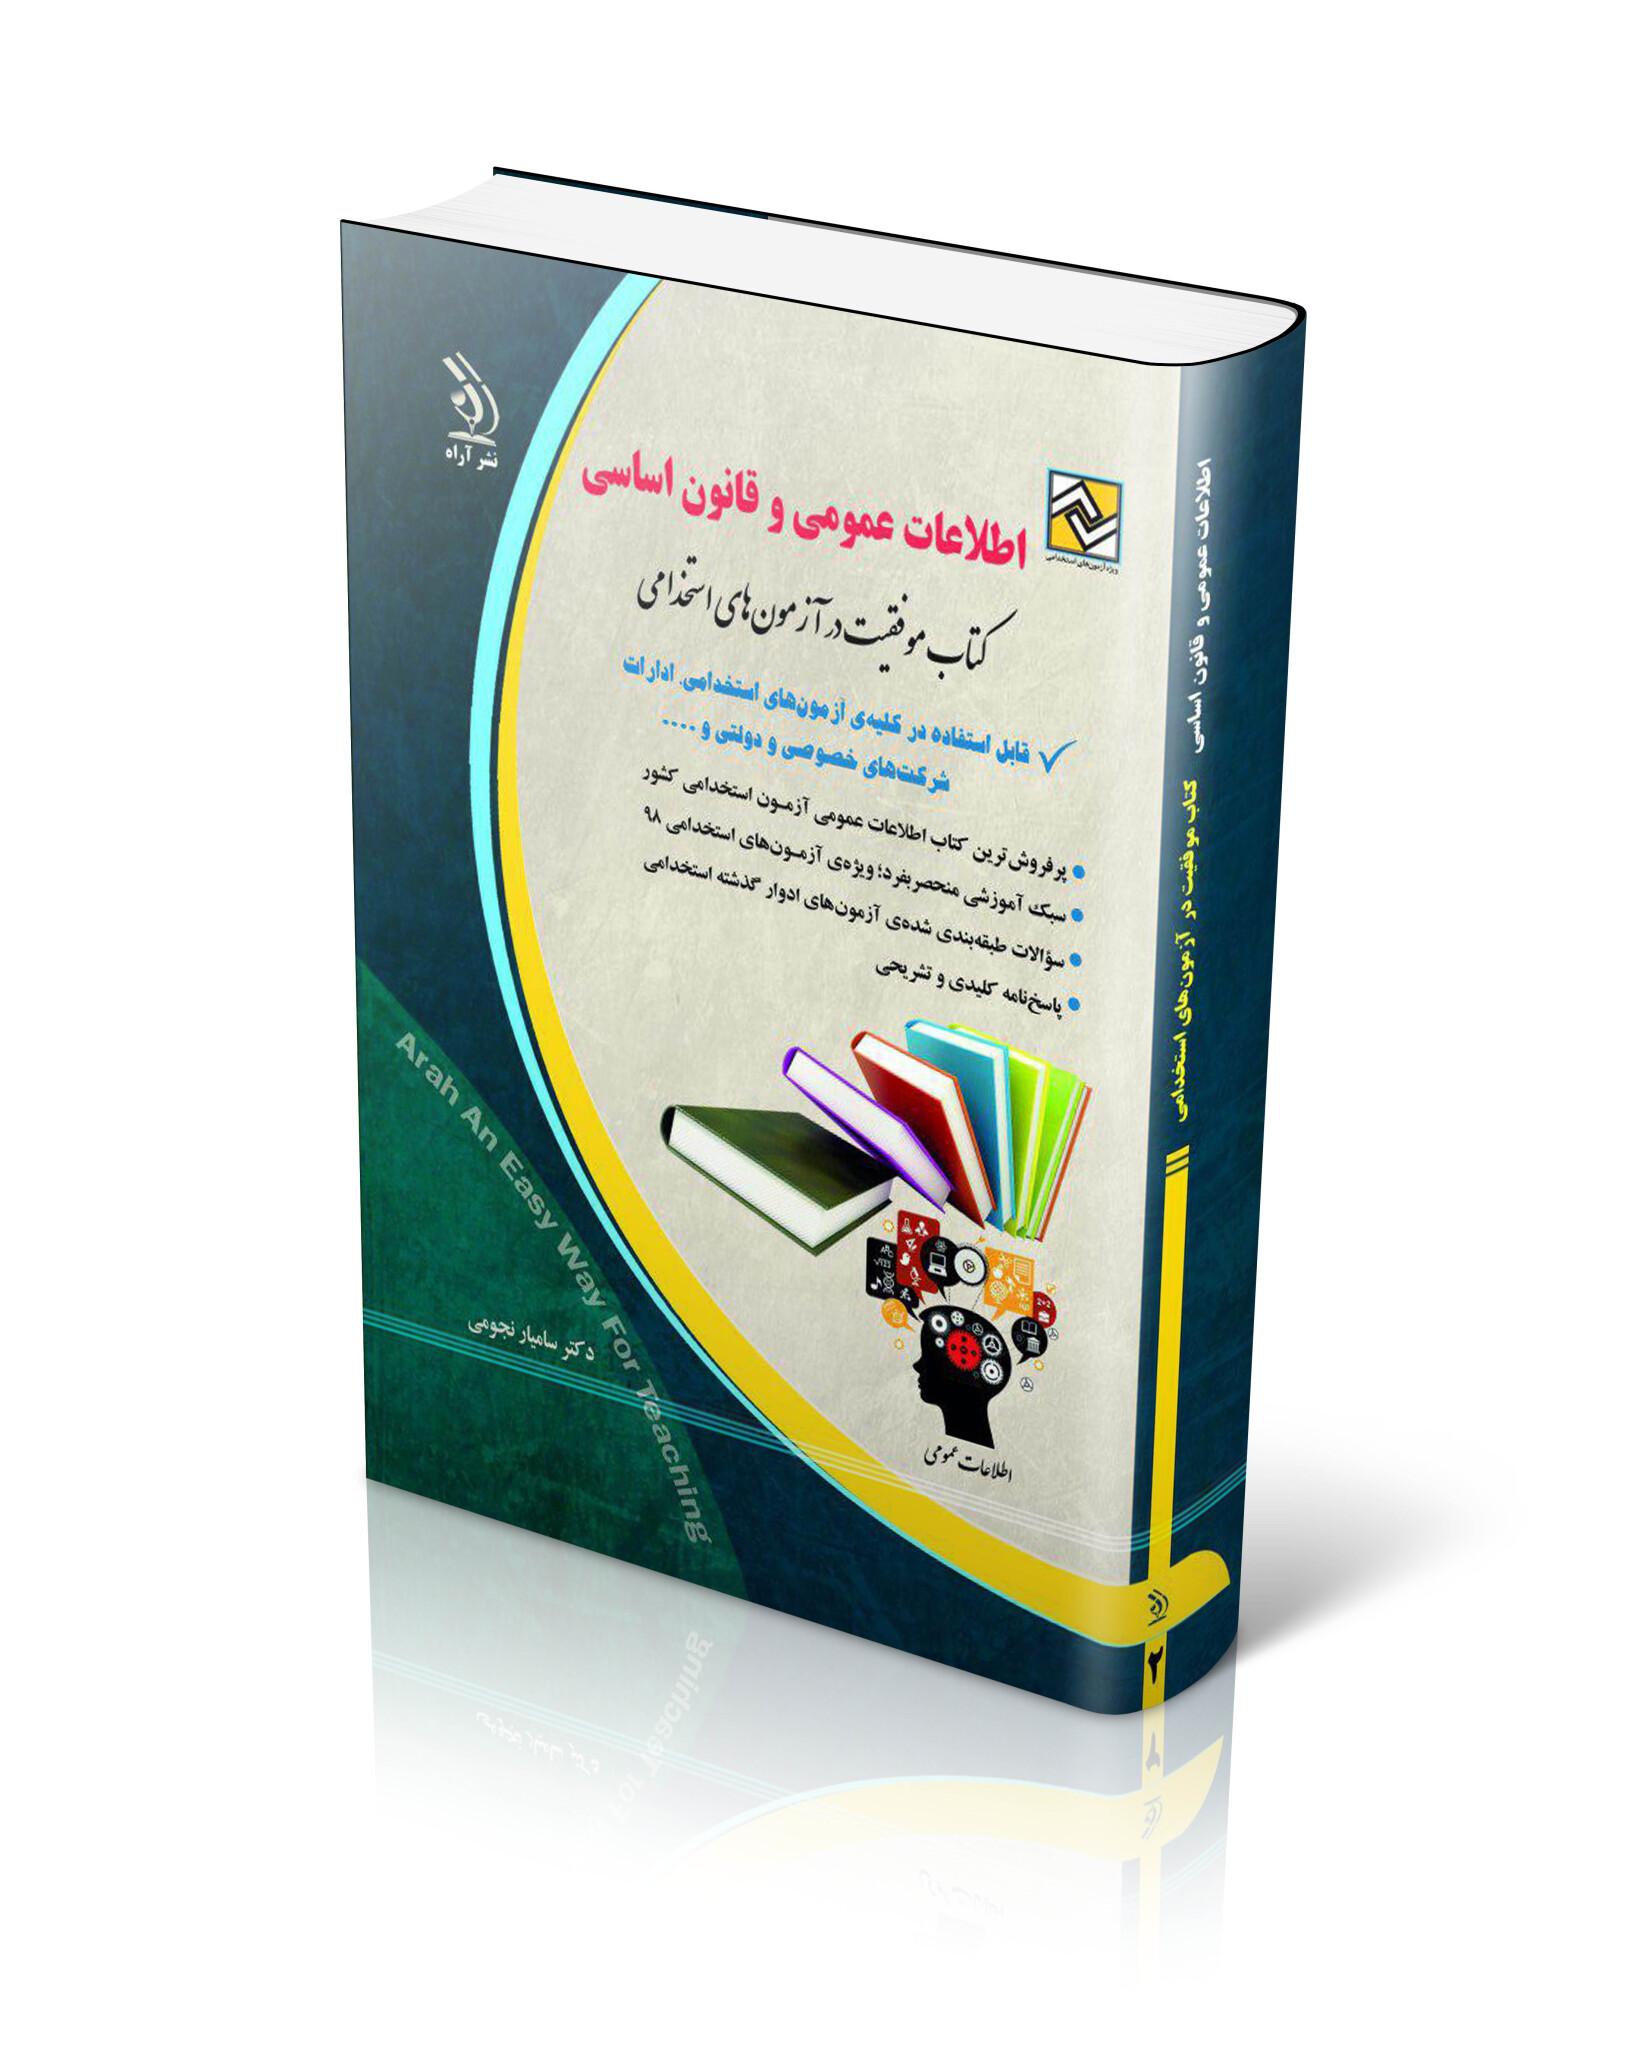 کتاب استخدامی اطلاعات عمومی و قانون اساسی